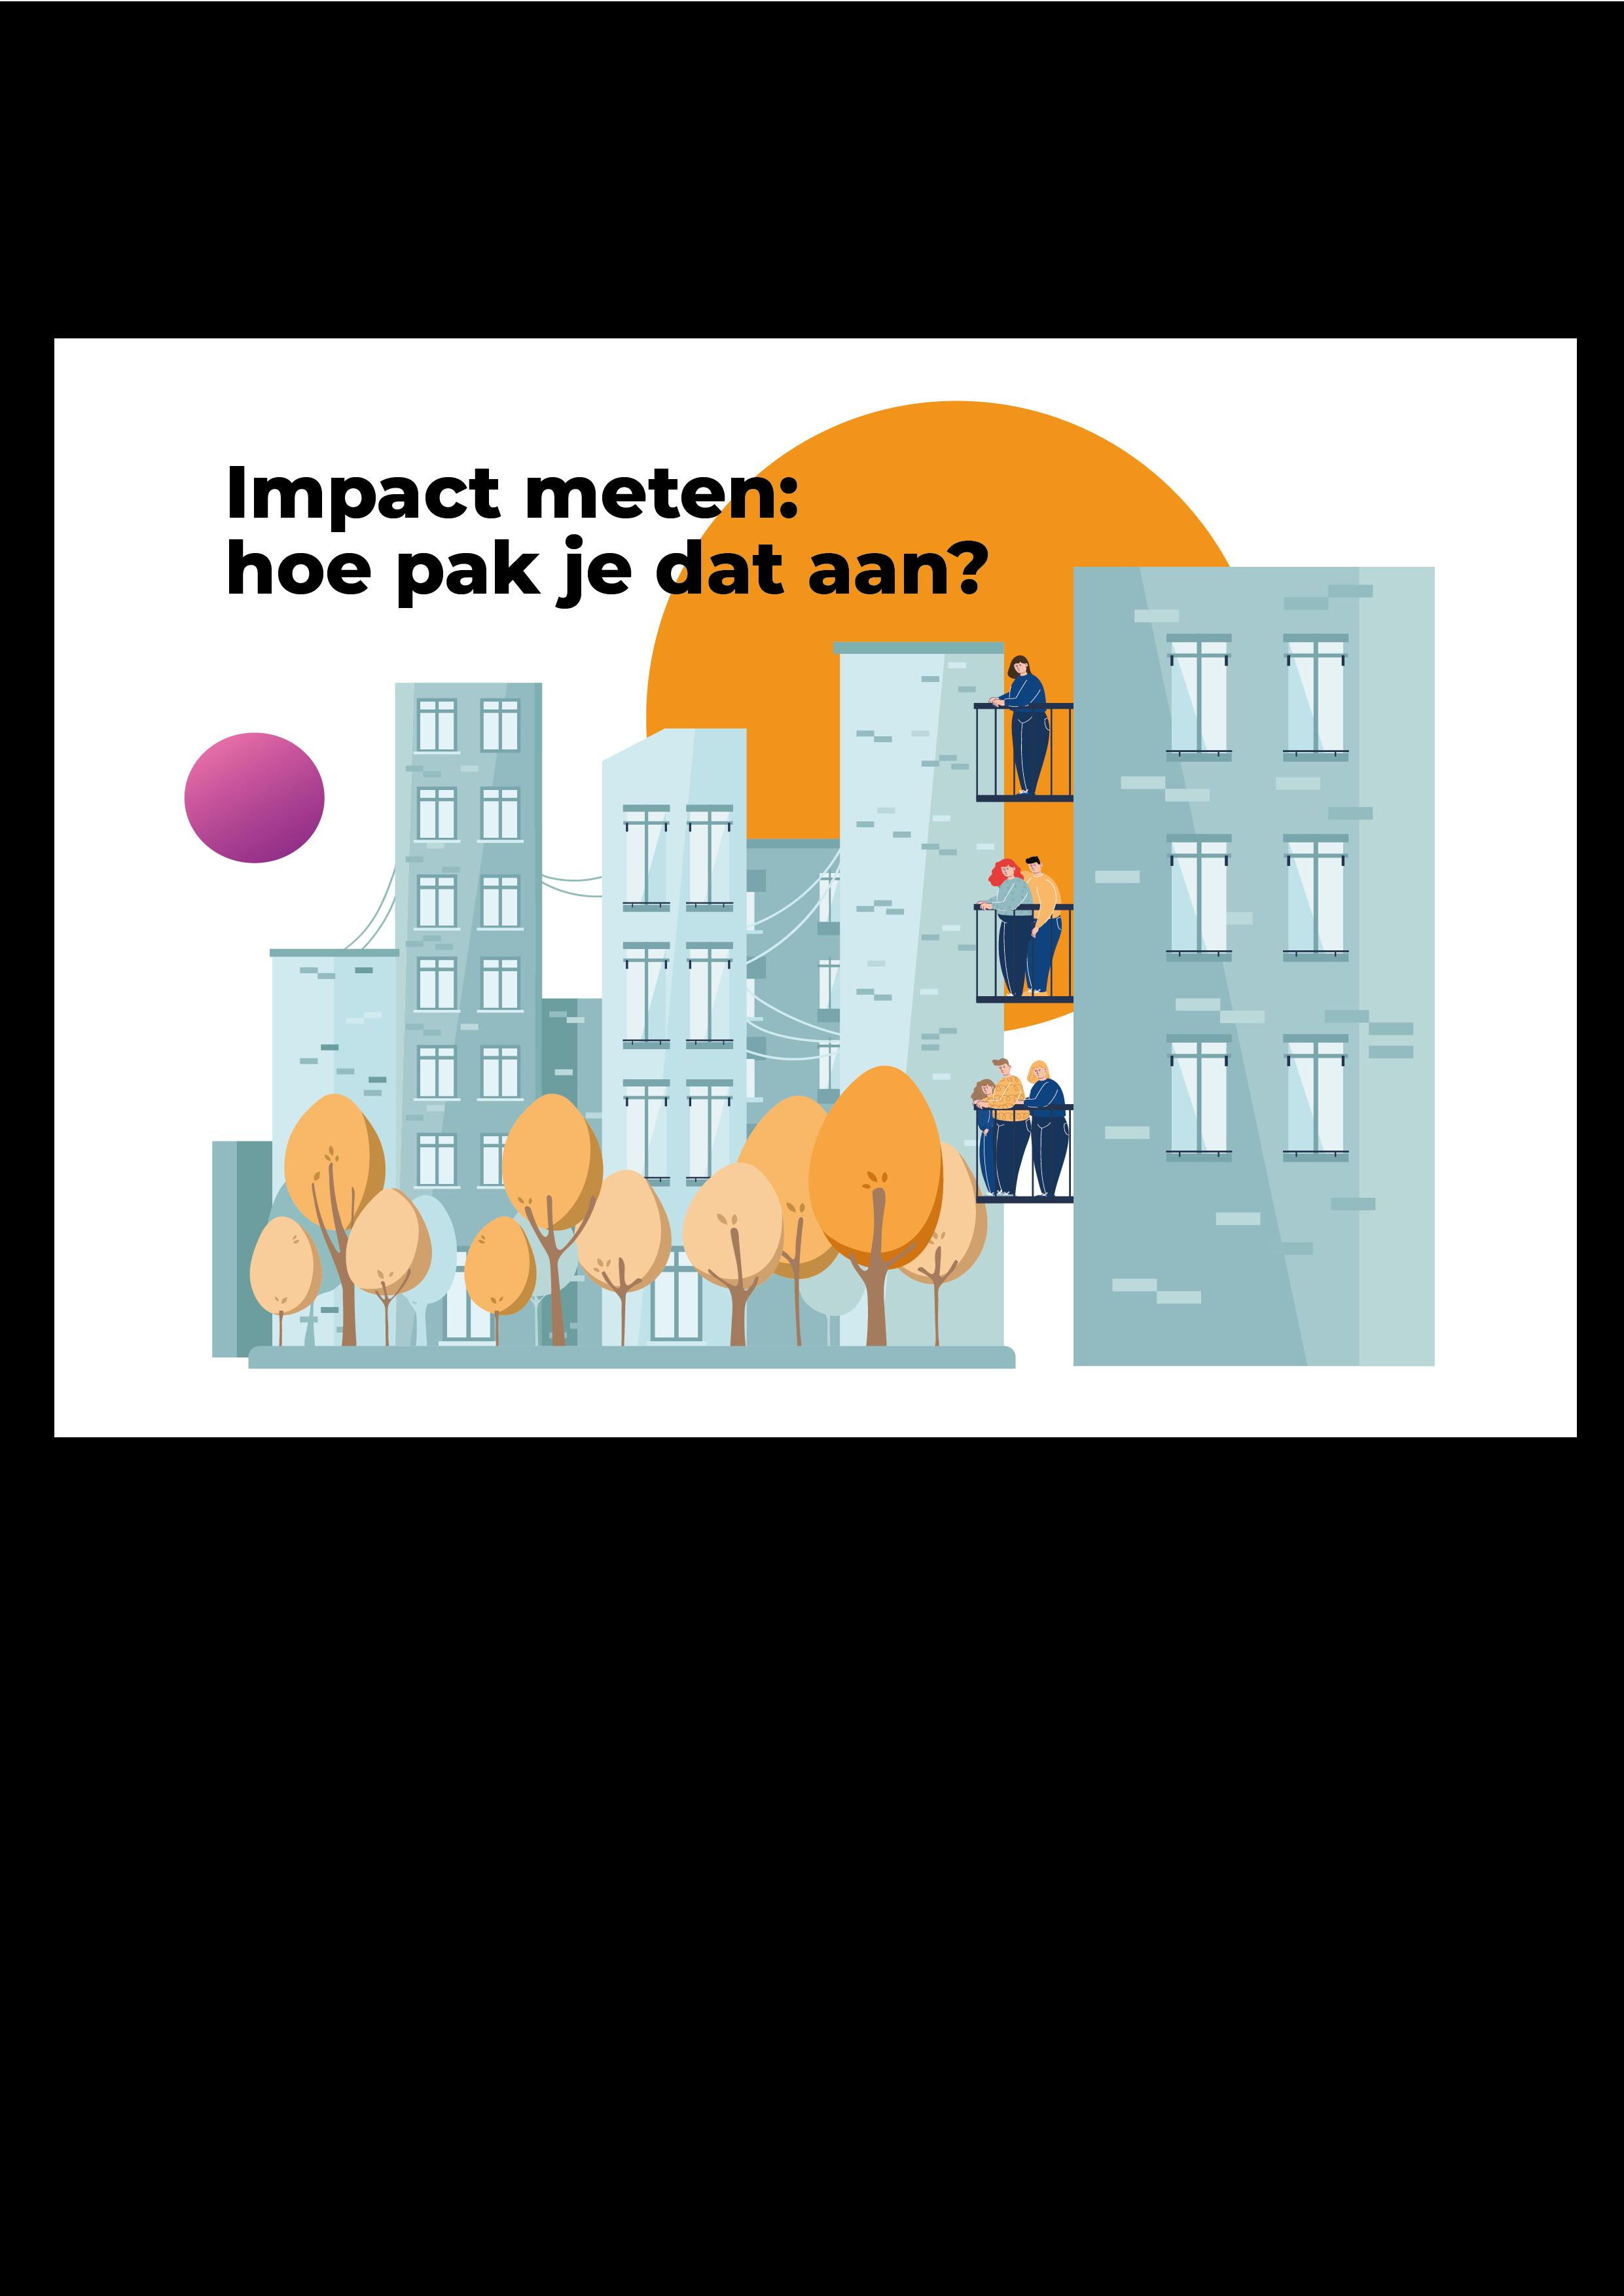 Impact meten voor sociale ondernemingen